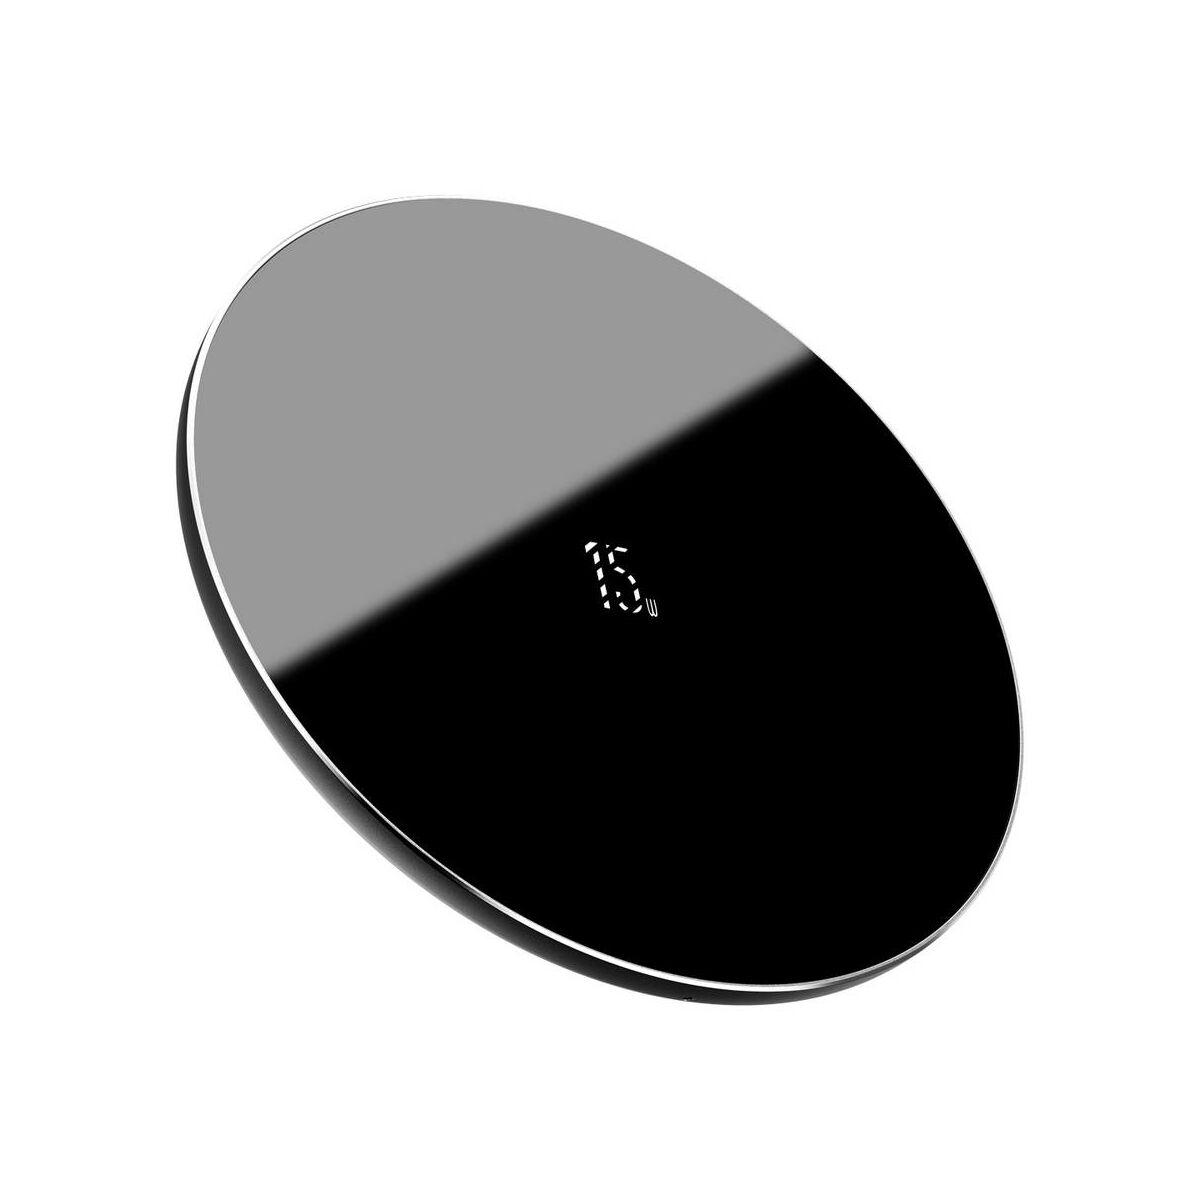 Baseus vezeték nélküli töltő, Simple 2-in-1 frisített verzió, telefon + AirPods, 15W, fekete (WXJK-B01)